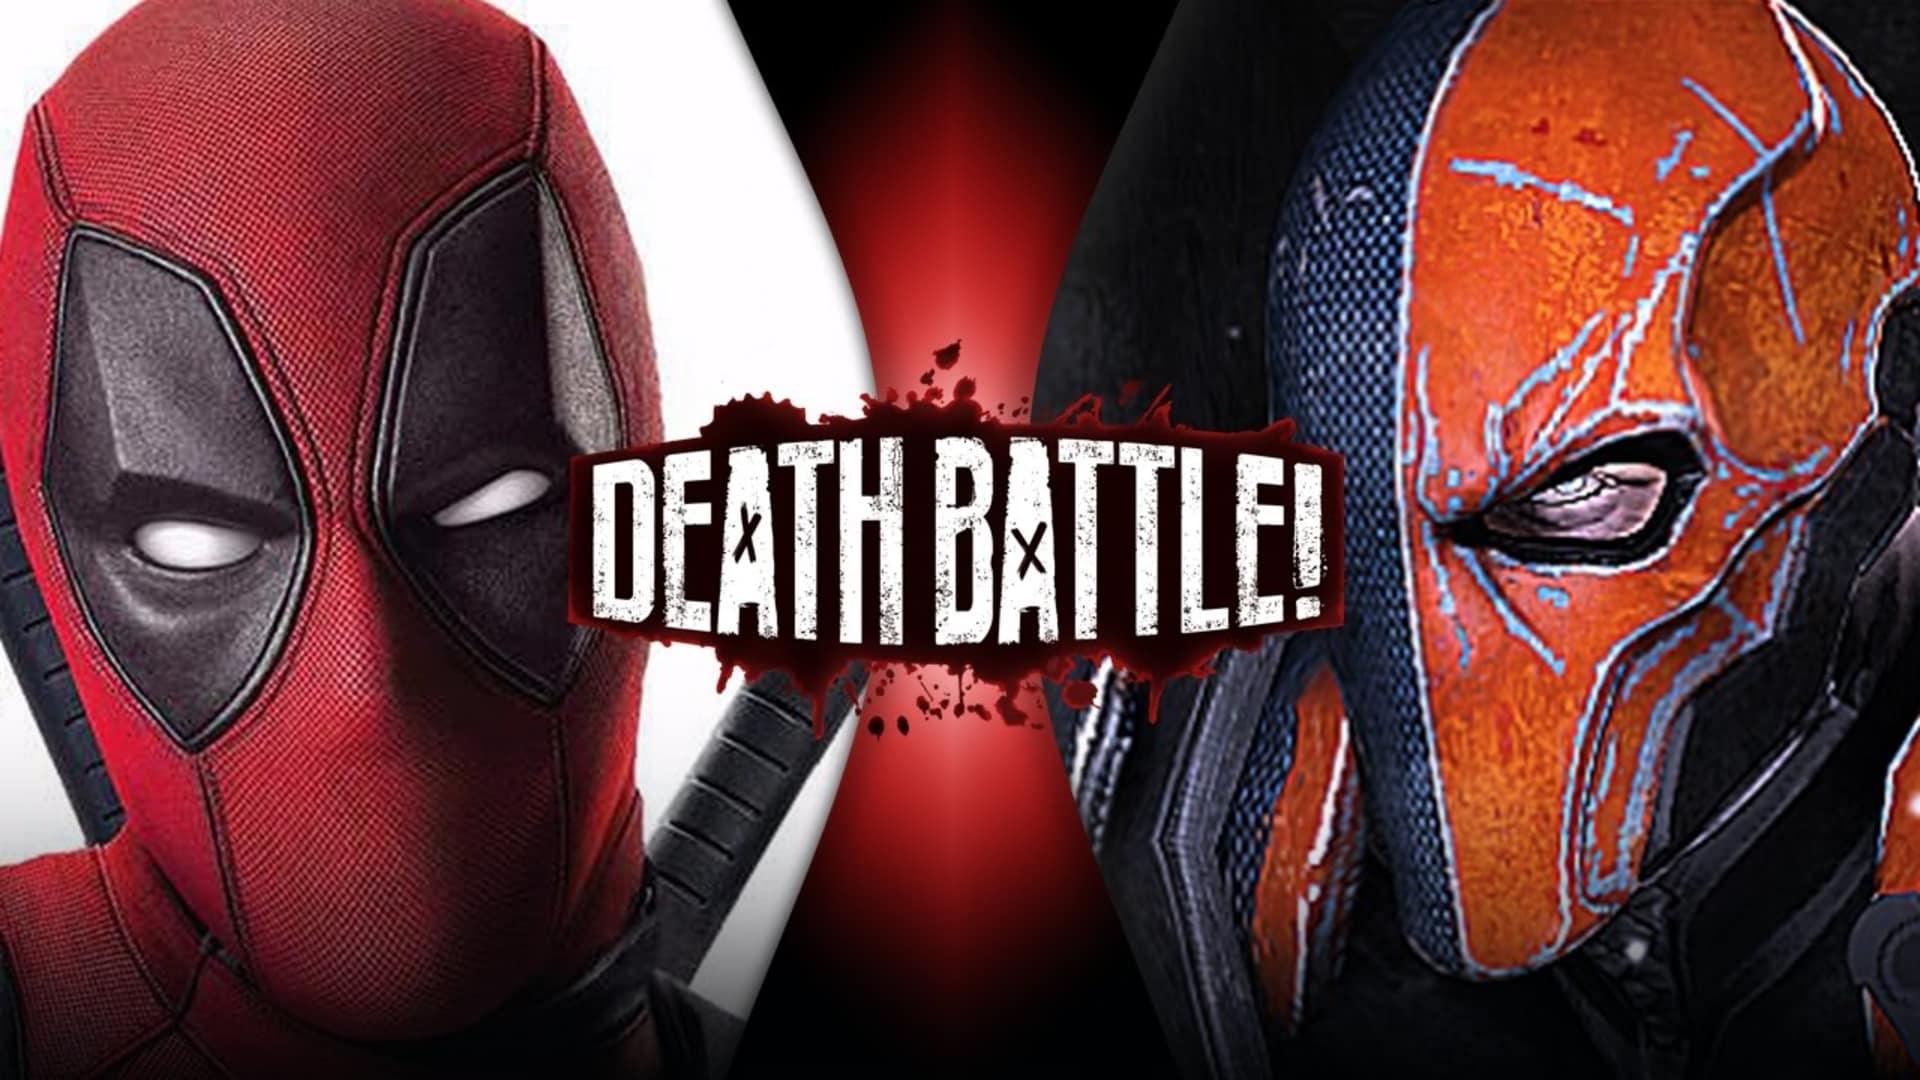 Deadpool VS Deathstroke (Marvel VS DC) - Rooster Teeth